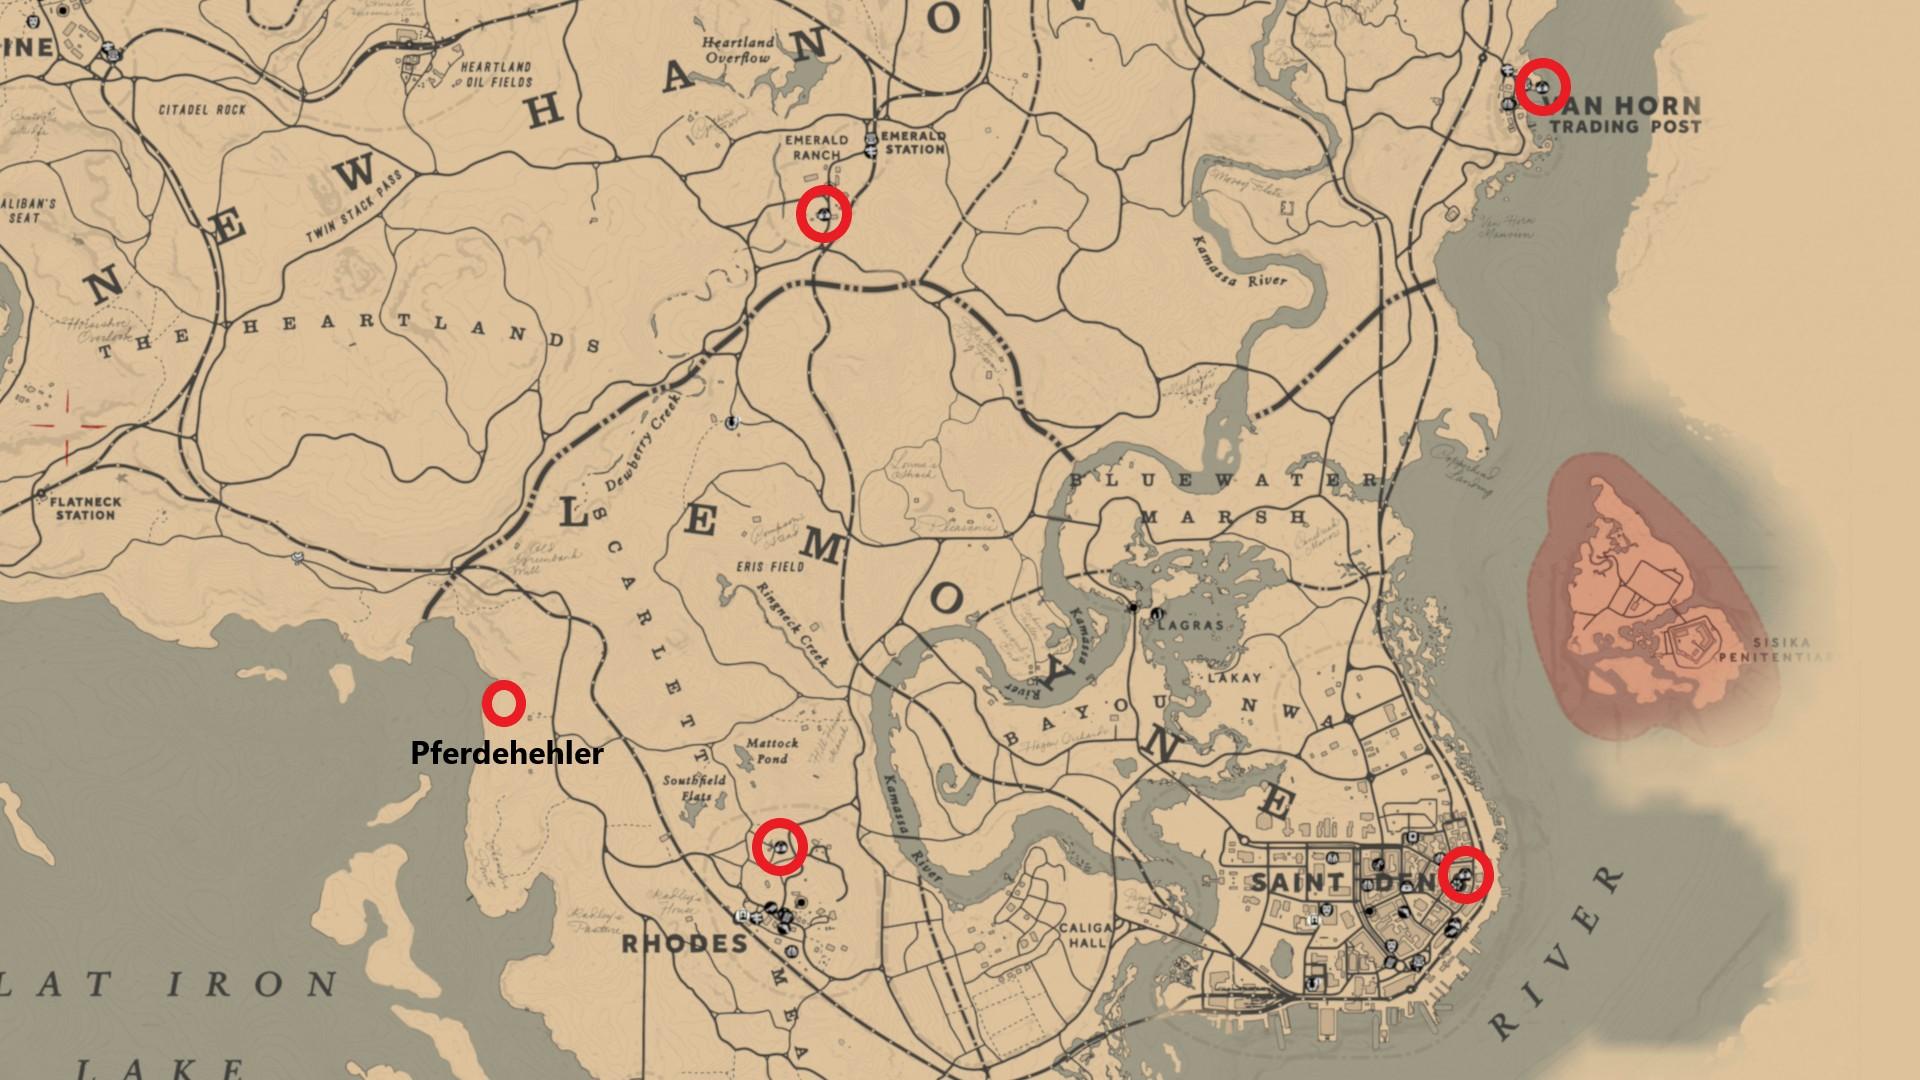 Rdr2 Karte.Red Dead Redemption 2 Hehler Finden Karte Mit Fundorten